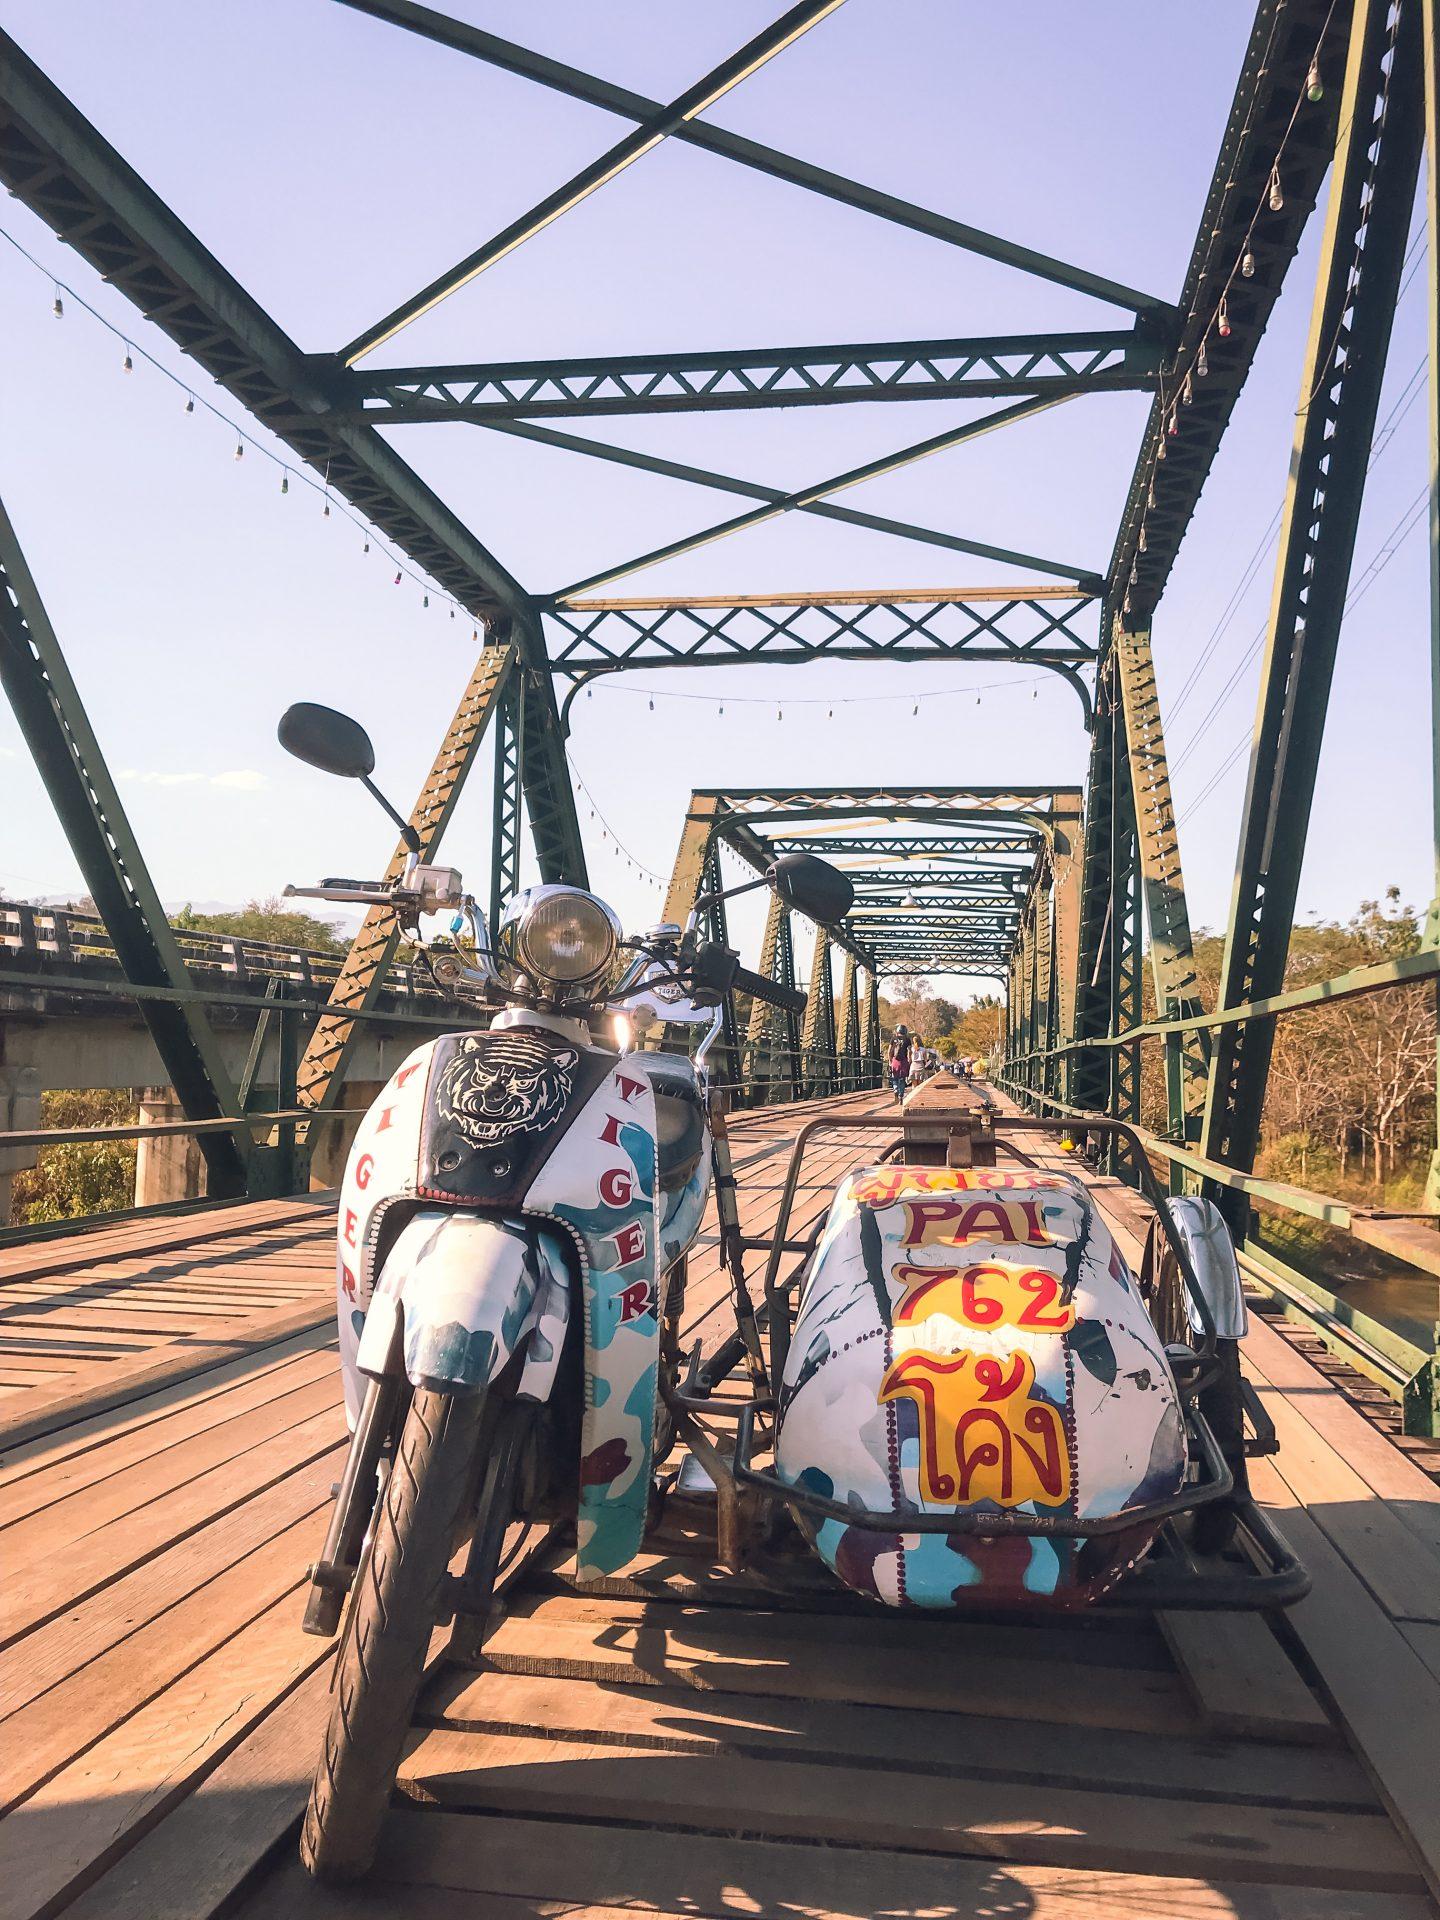 Ww2 memorial bridge, explore pai